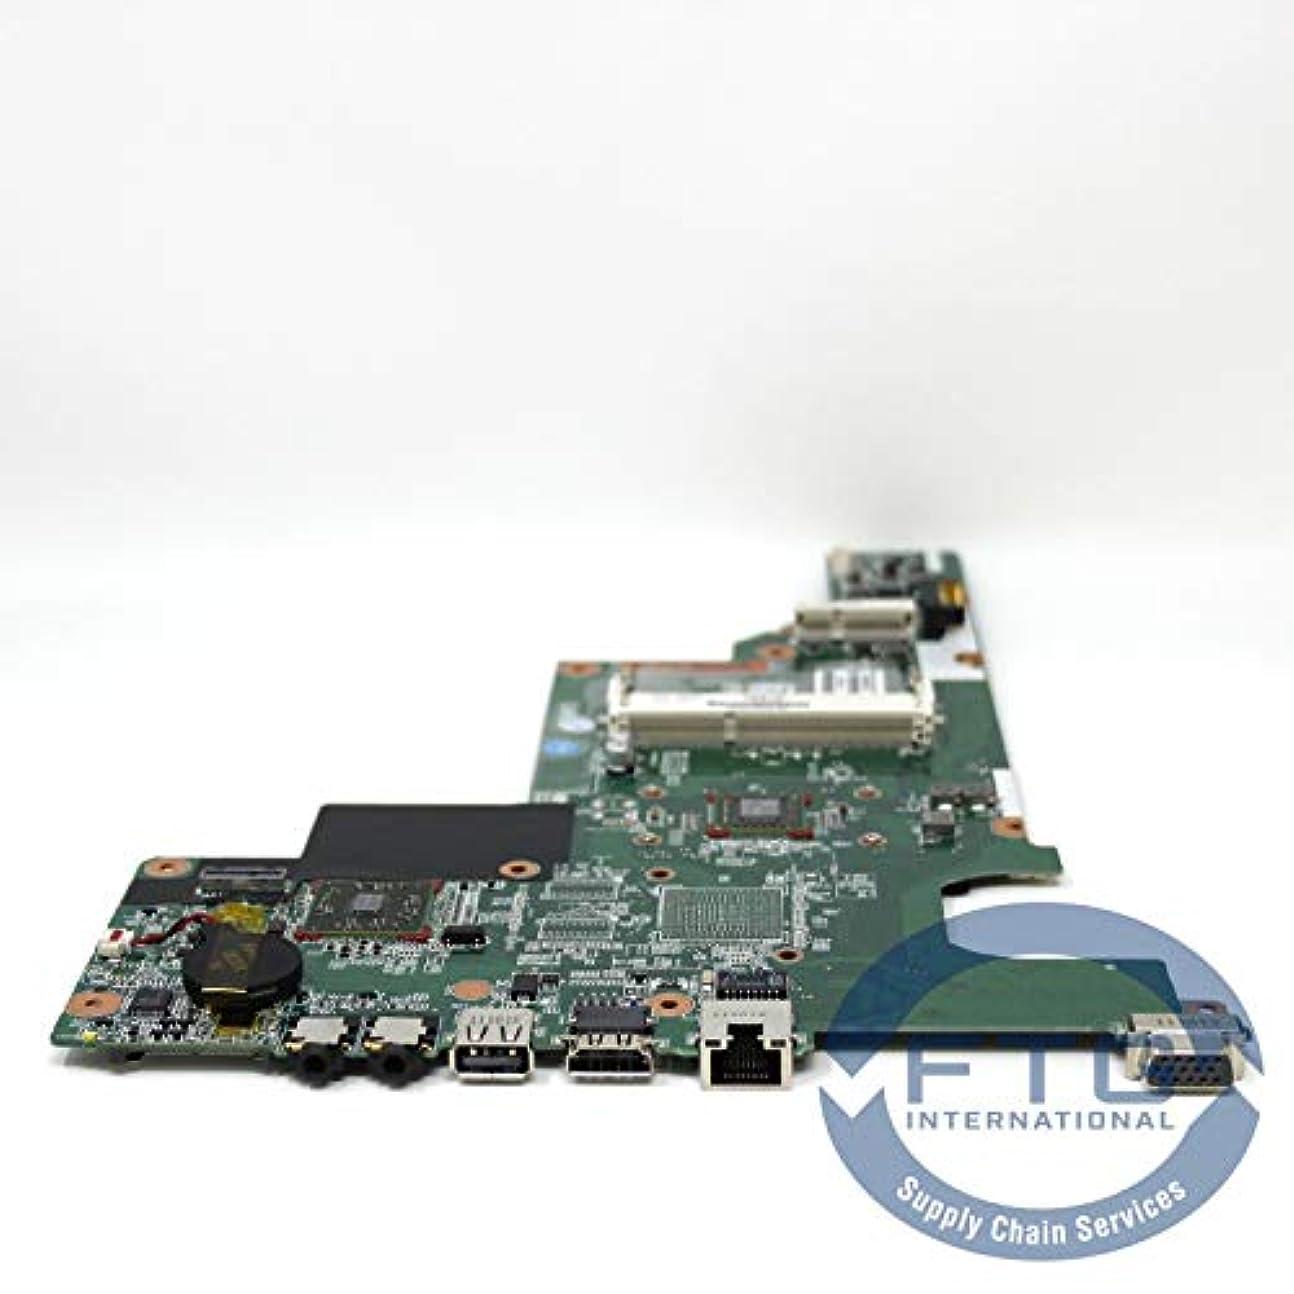 ポンペイ驚くばかり因子646980-001/653858-001 SPS-BD SYS UMA E-350 BRZS 6U